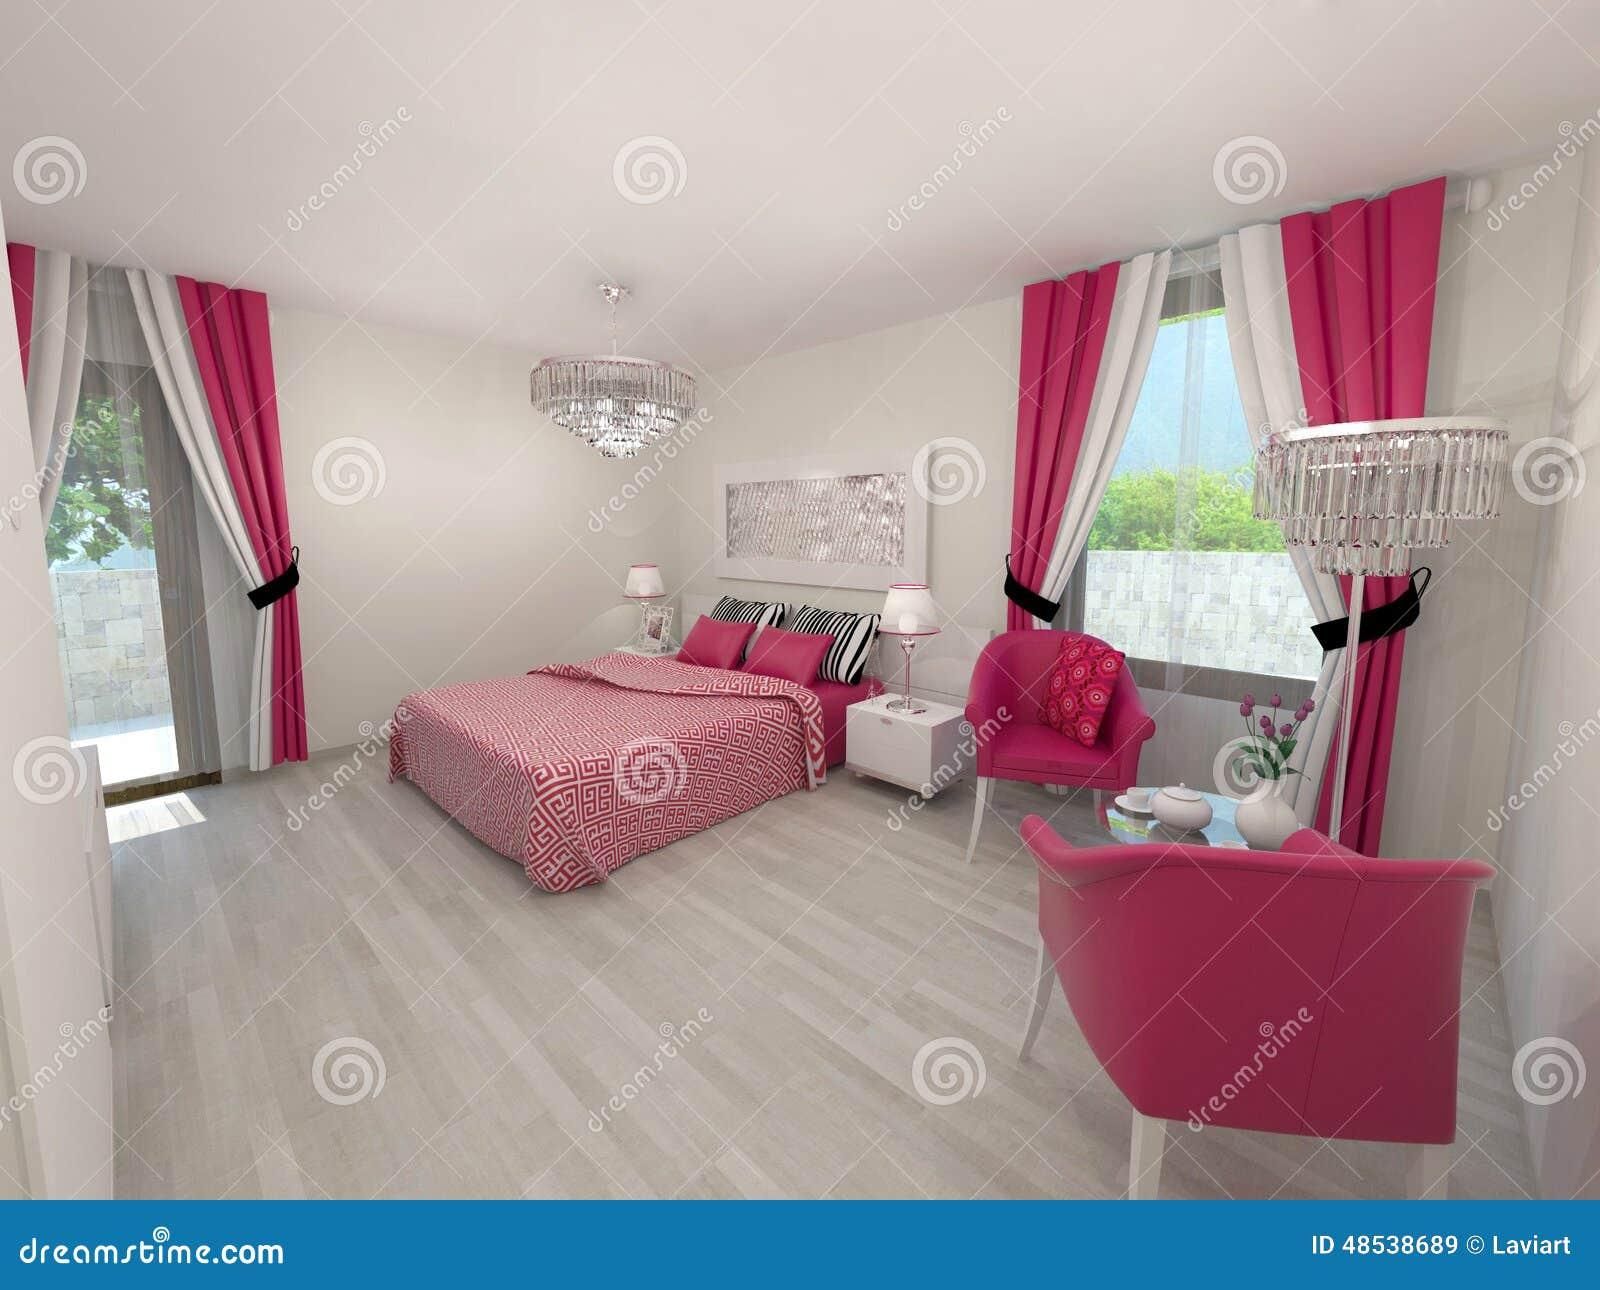 Best chambre a coucher gris et rose photos ridgewayng - Chambre grise et mauve ...